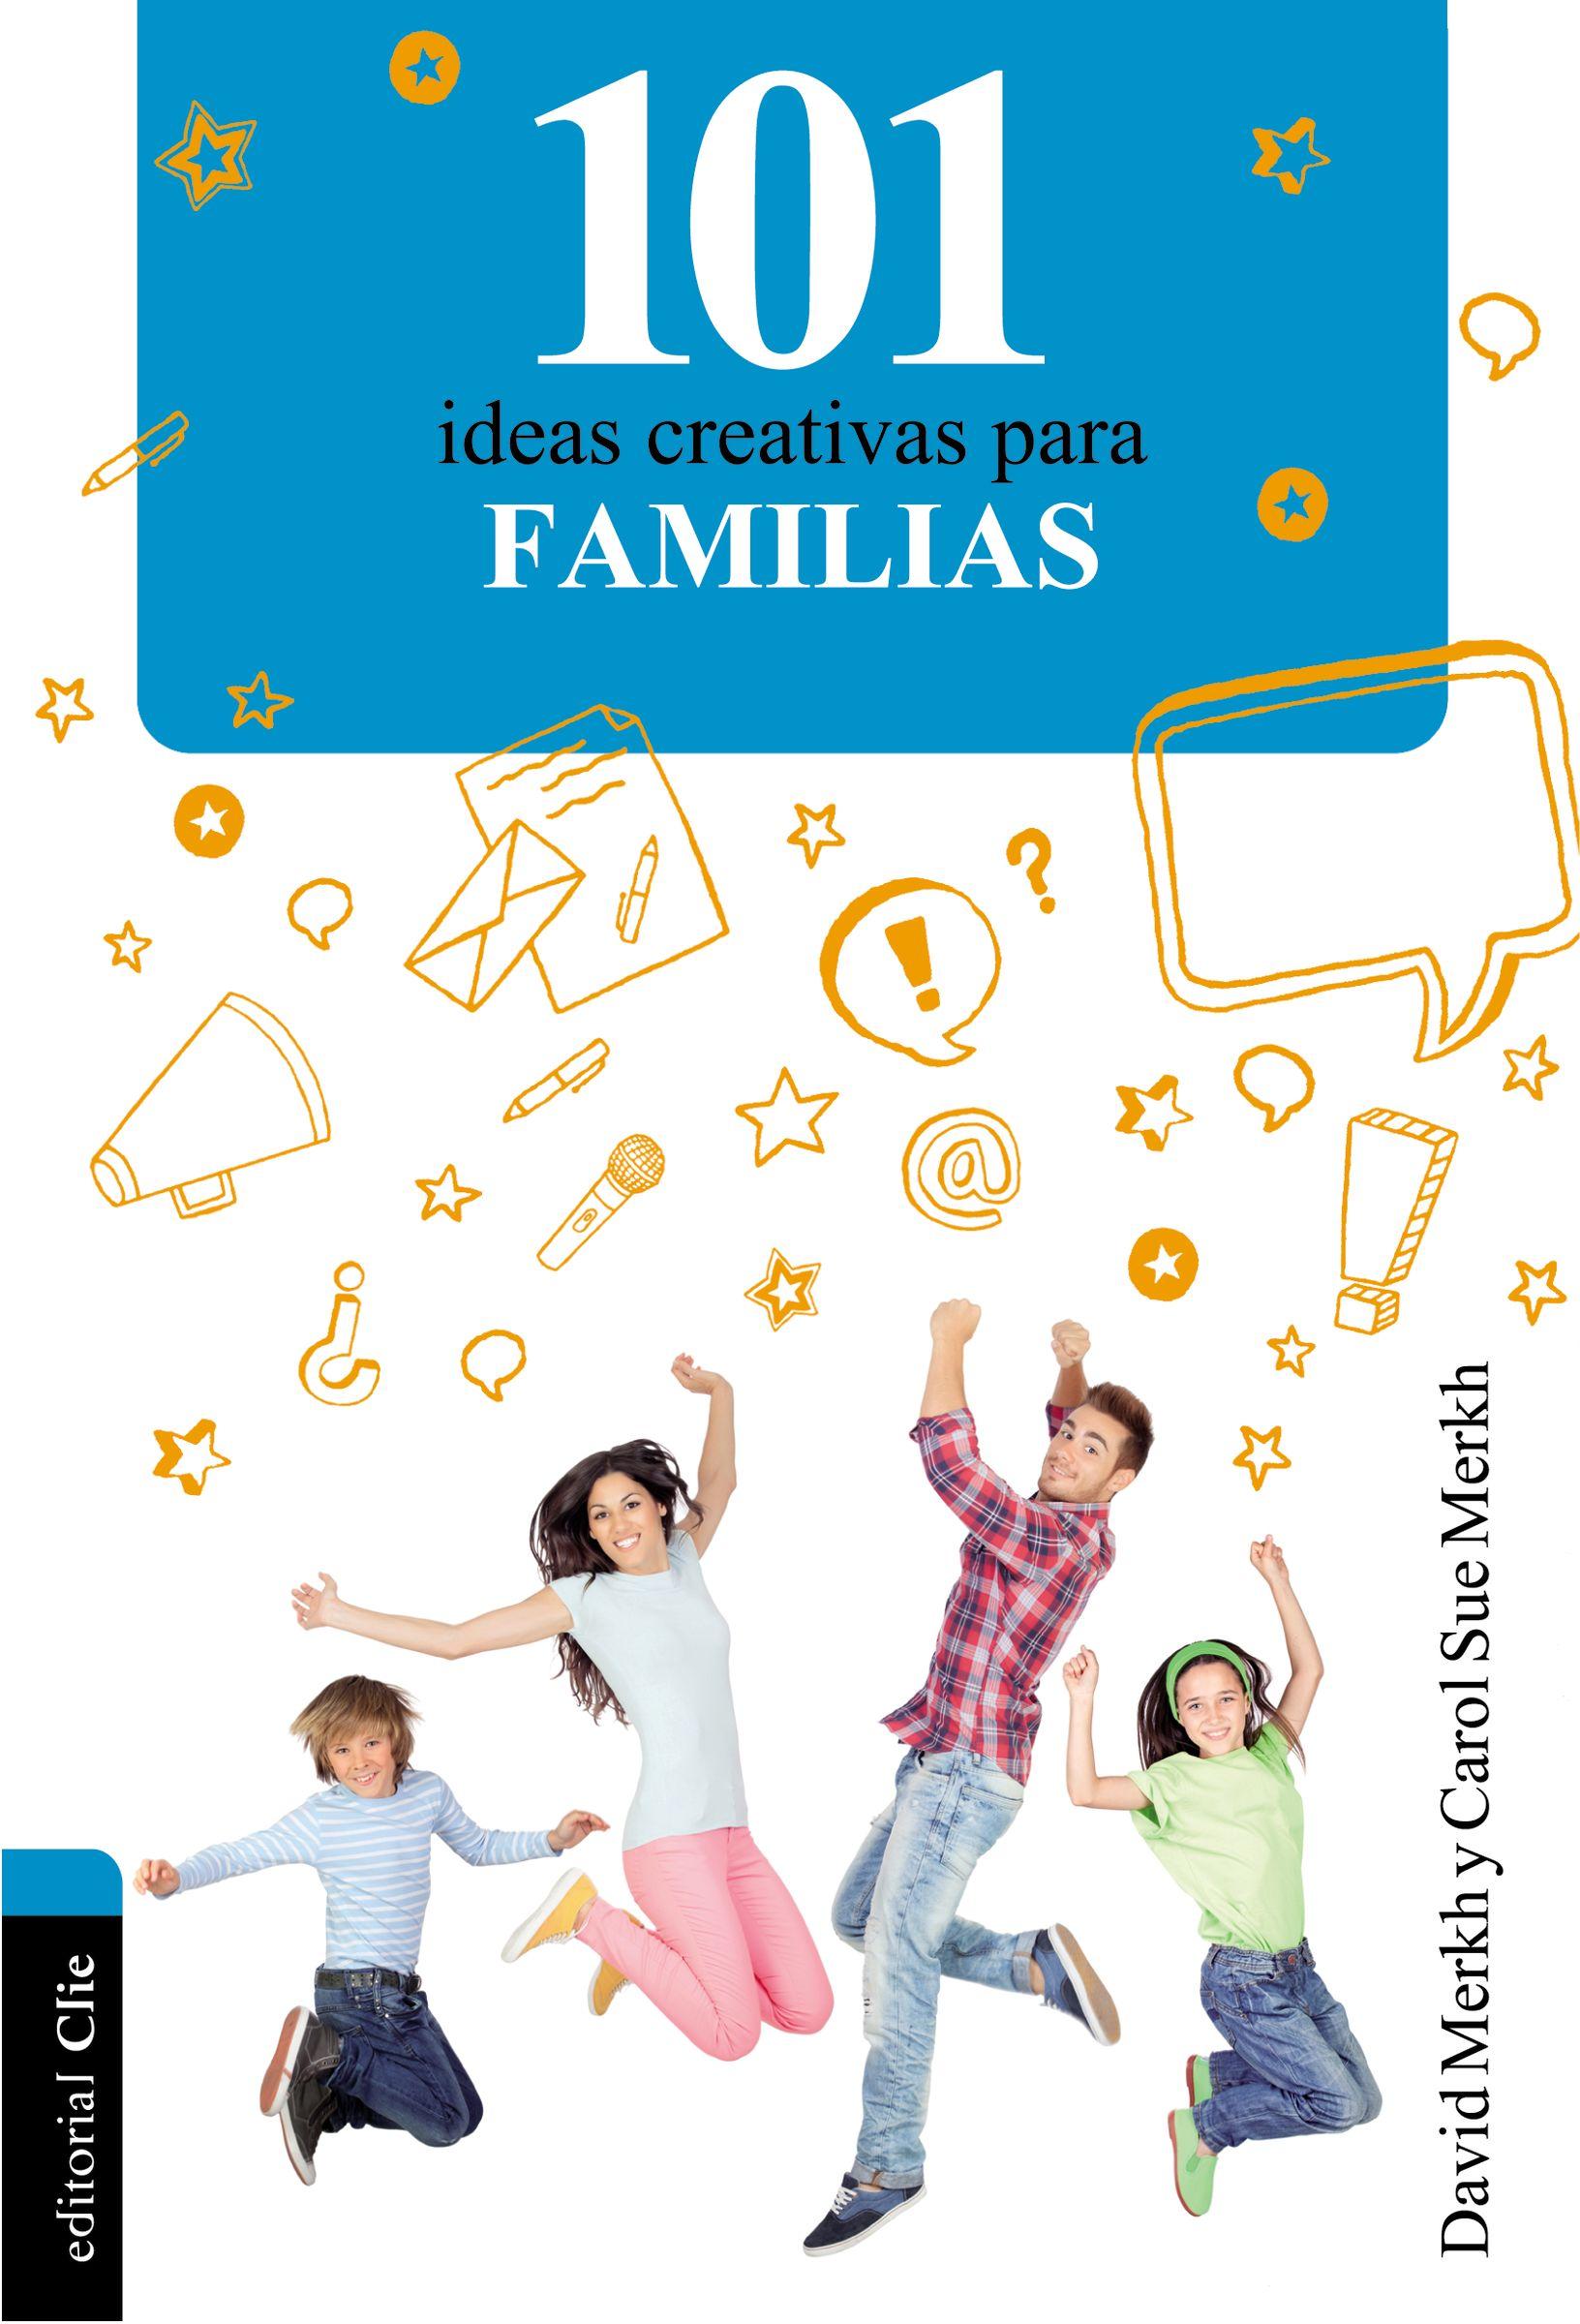 101 Ideas creativas para la familia